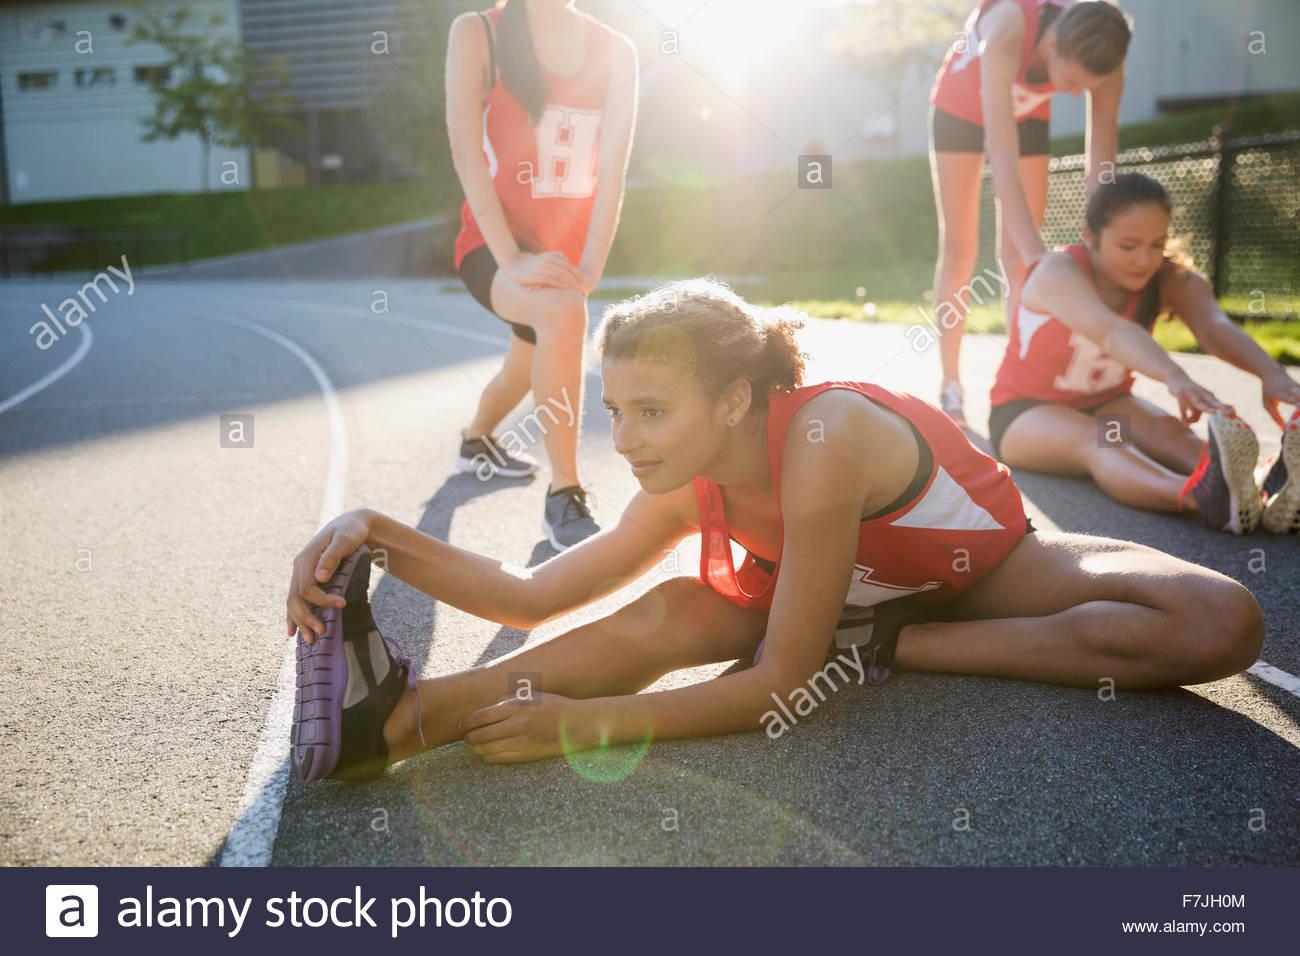 L'athlète de l'école secondaire s'étend de la jambe sur une piste de course Photo Stock